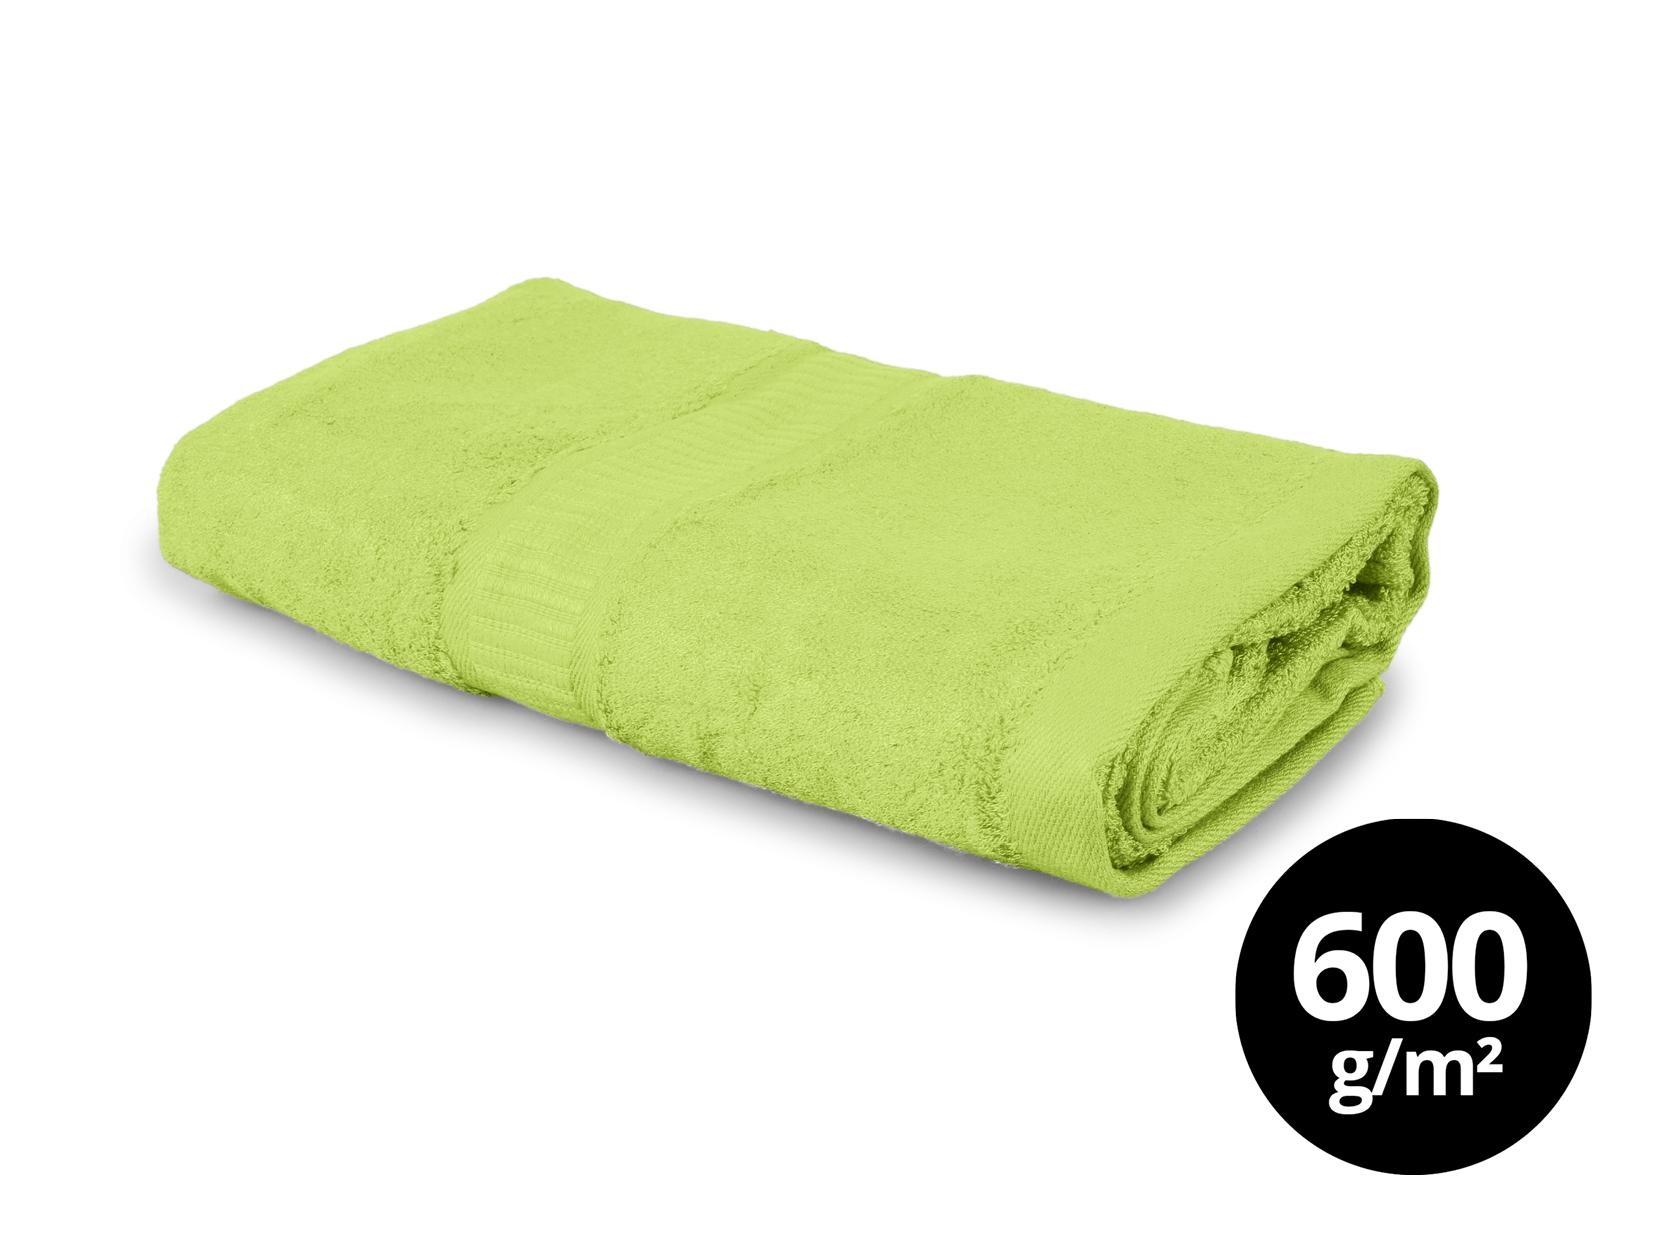 BAMBOO velký ručník  s elegantní bordurou zelený